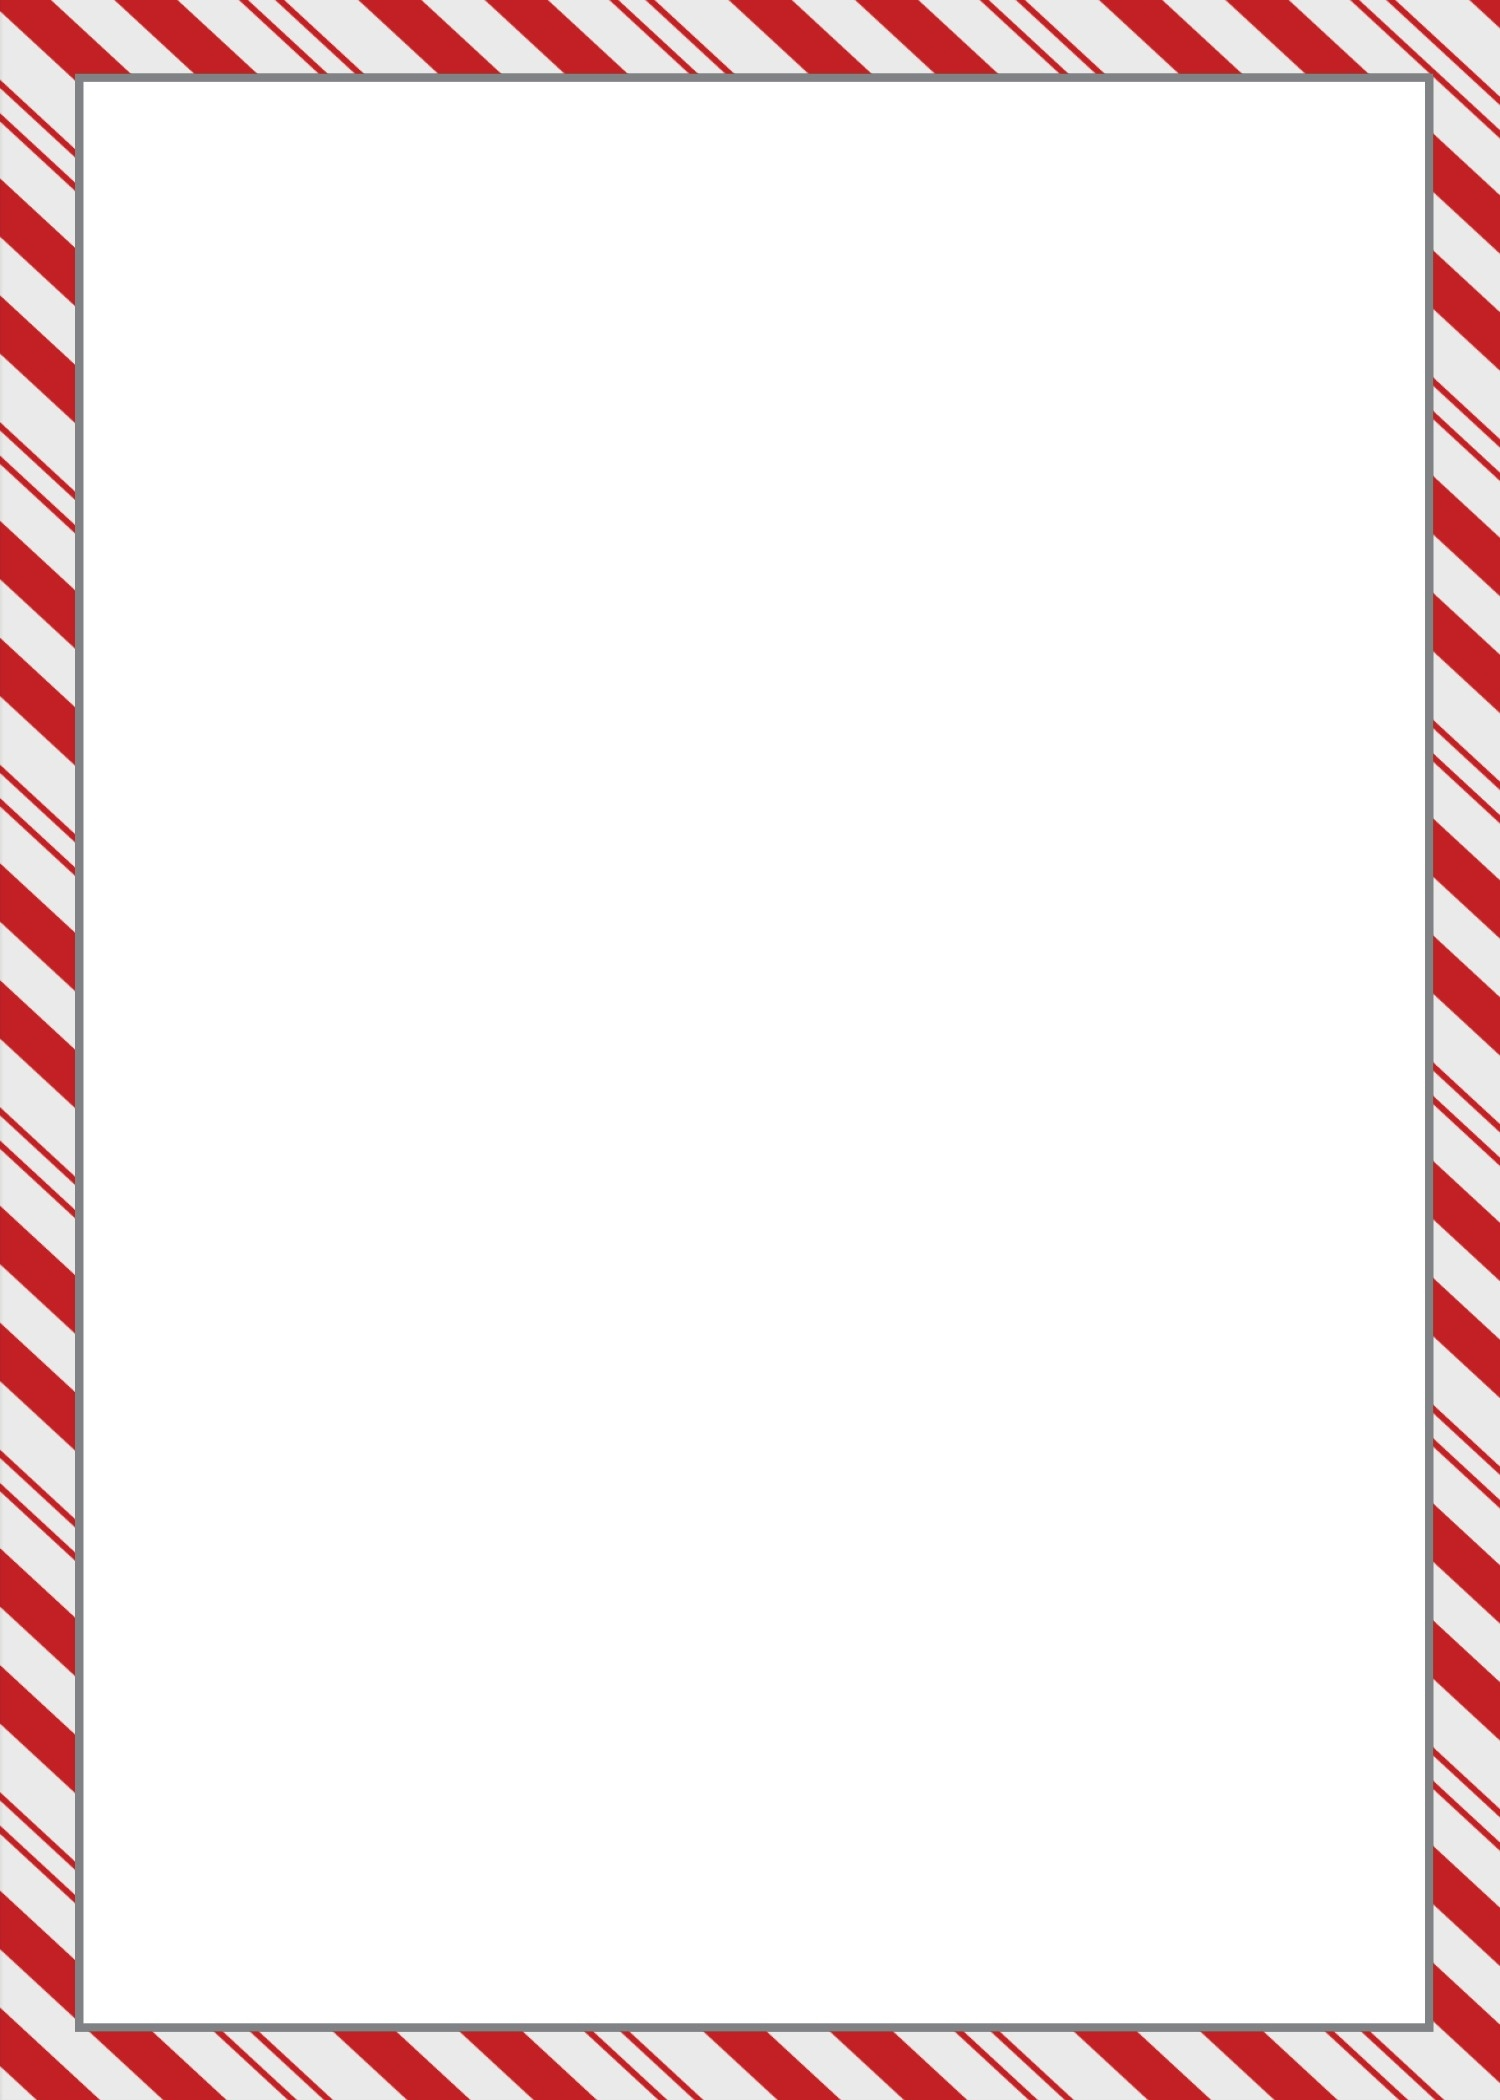 Christmas Candy Cane Border Clip Art.